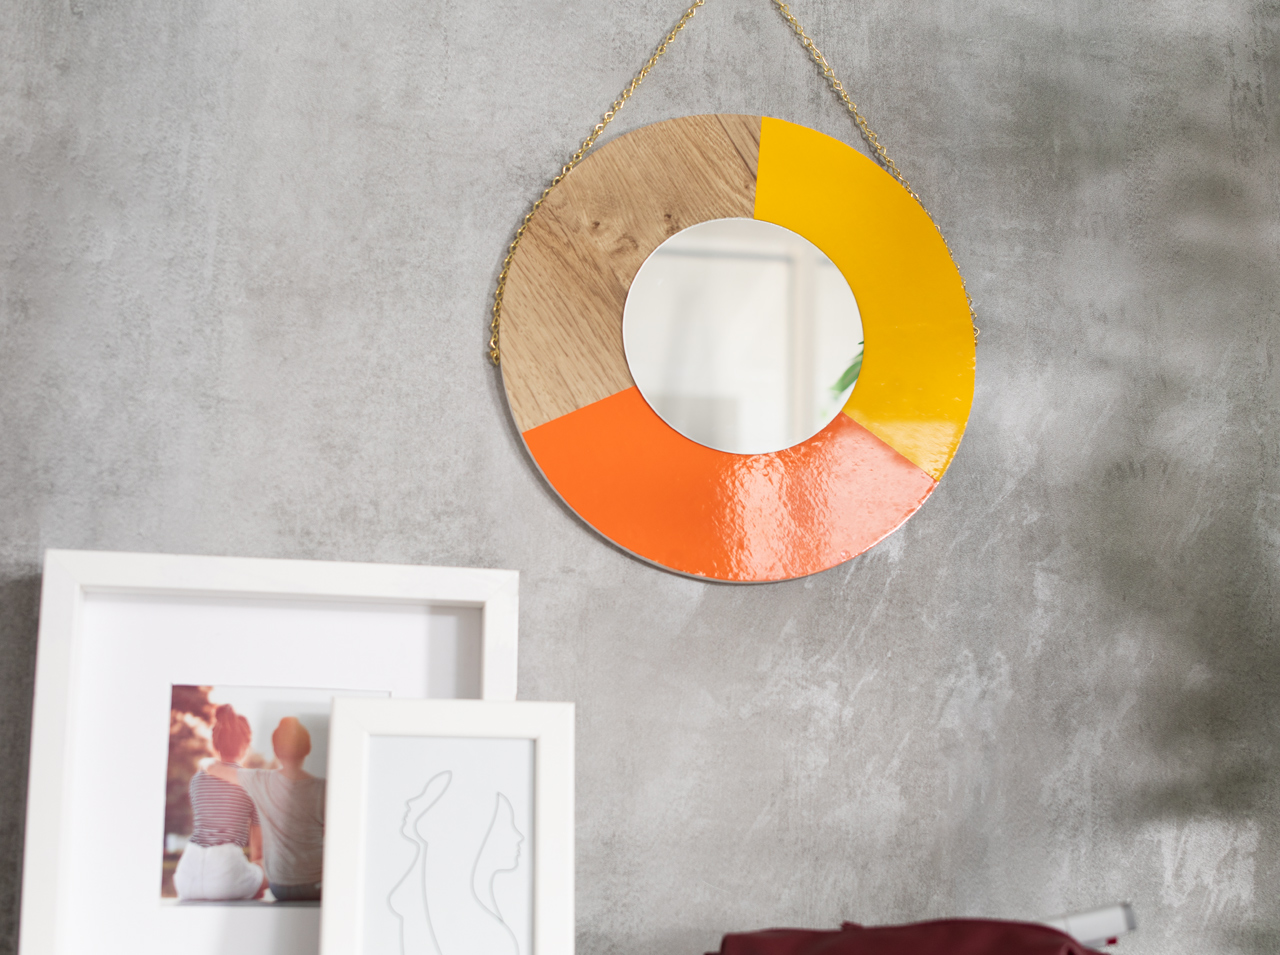 Runder DIY Wandspiegel mit Farbkombination aus Klebefolien an Kette aufgehängt